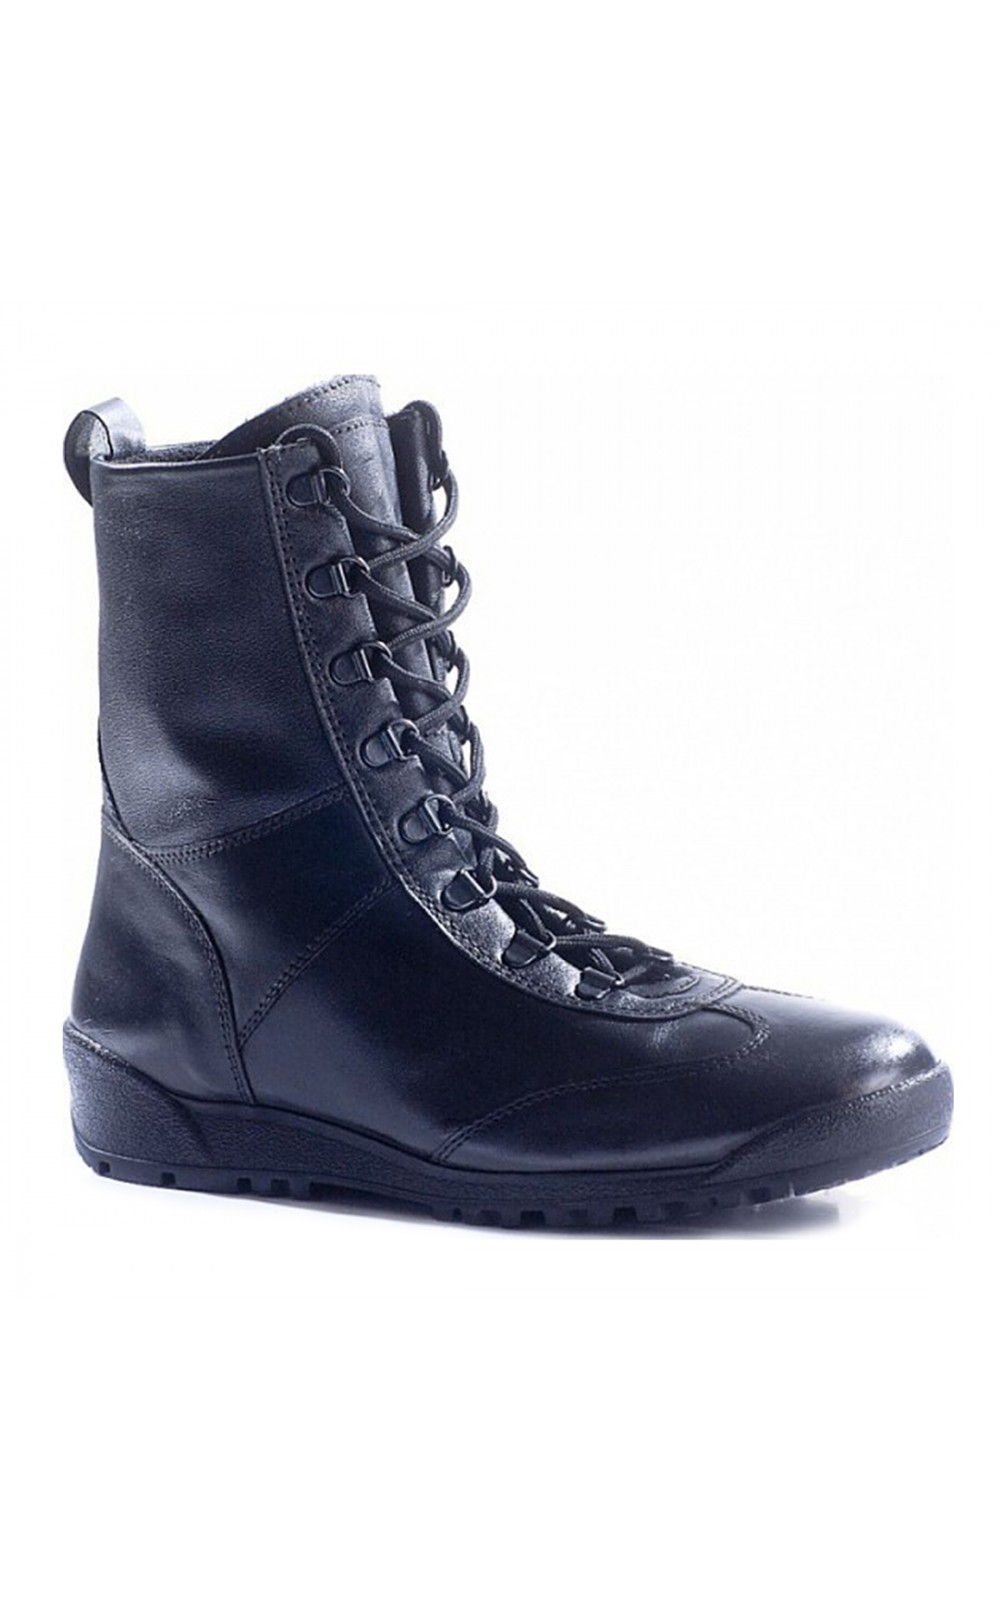 Ботинки Бутекс 12011 Кобра, кожа (41)Ботинки для активного отдыха<br>Идеально подойдут для людей, которые выбирают <br>активный образ жизни. Легкие, будут актуальны <br>для ношения во время весеннего-летнего <br>сезона в дождливую и мокрую погоду. Особенности: <br>- металлический супинатор; - глухой клапан, <br>предохраняющий ногу от воздействий окружающей <br>среды; - система скоростной шнуровки; - задник <br>и подносок сделаны из термопластического <br>материала; - удобный в эксплуатации мягкий <br>кант; - подкладка изготовлена из гипоаллергенной <br>ламинированной сетки; - амортизирующая <br>вставка в пяточной части.<br><br>Пол: мужской<br>Размер: 41<br>Сезон: лето<br>Цвет: черный<br>Материал: гидрофобная кожа